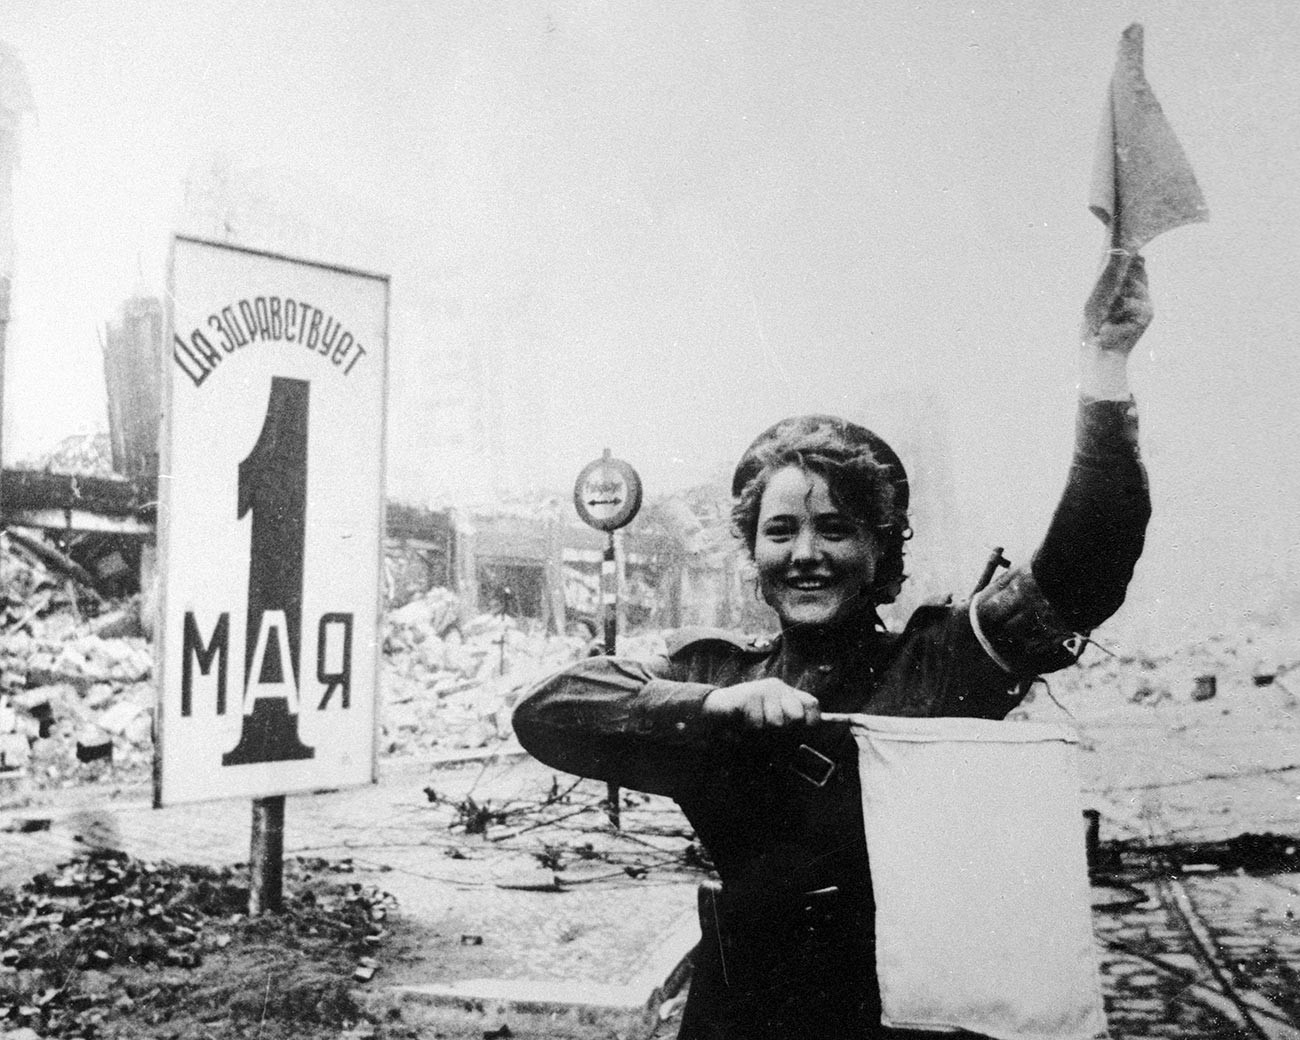 交通整理兵マリア・シャリネワ。ベルリンのアレクサンダー広場にて。1945年5月1日。